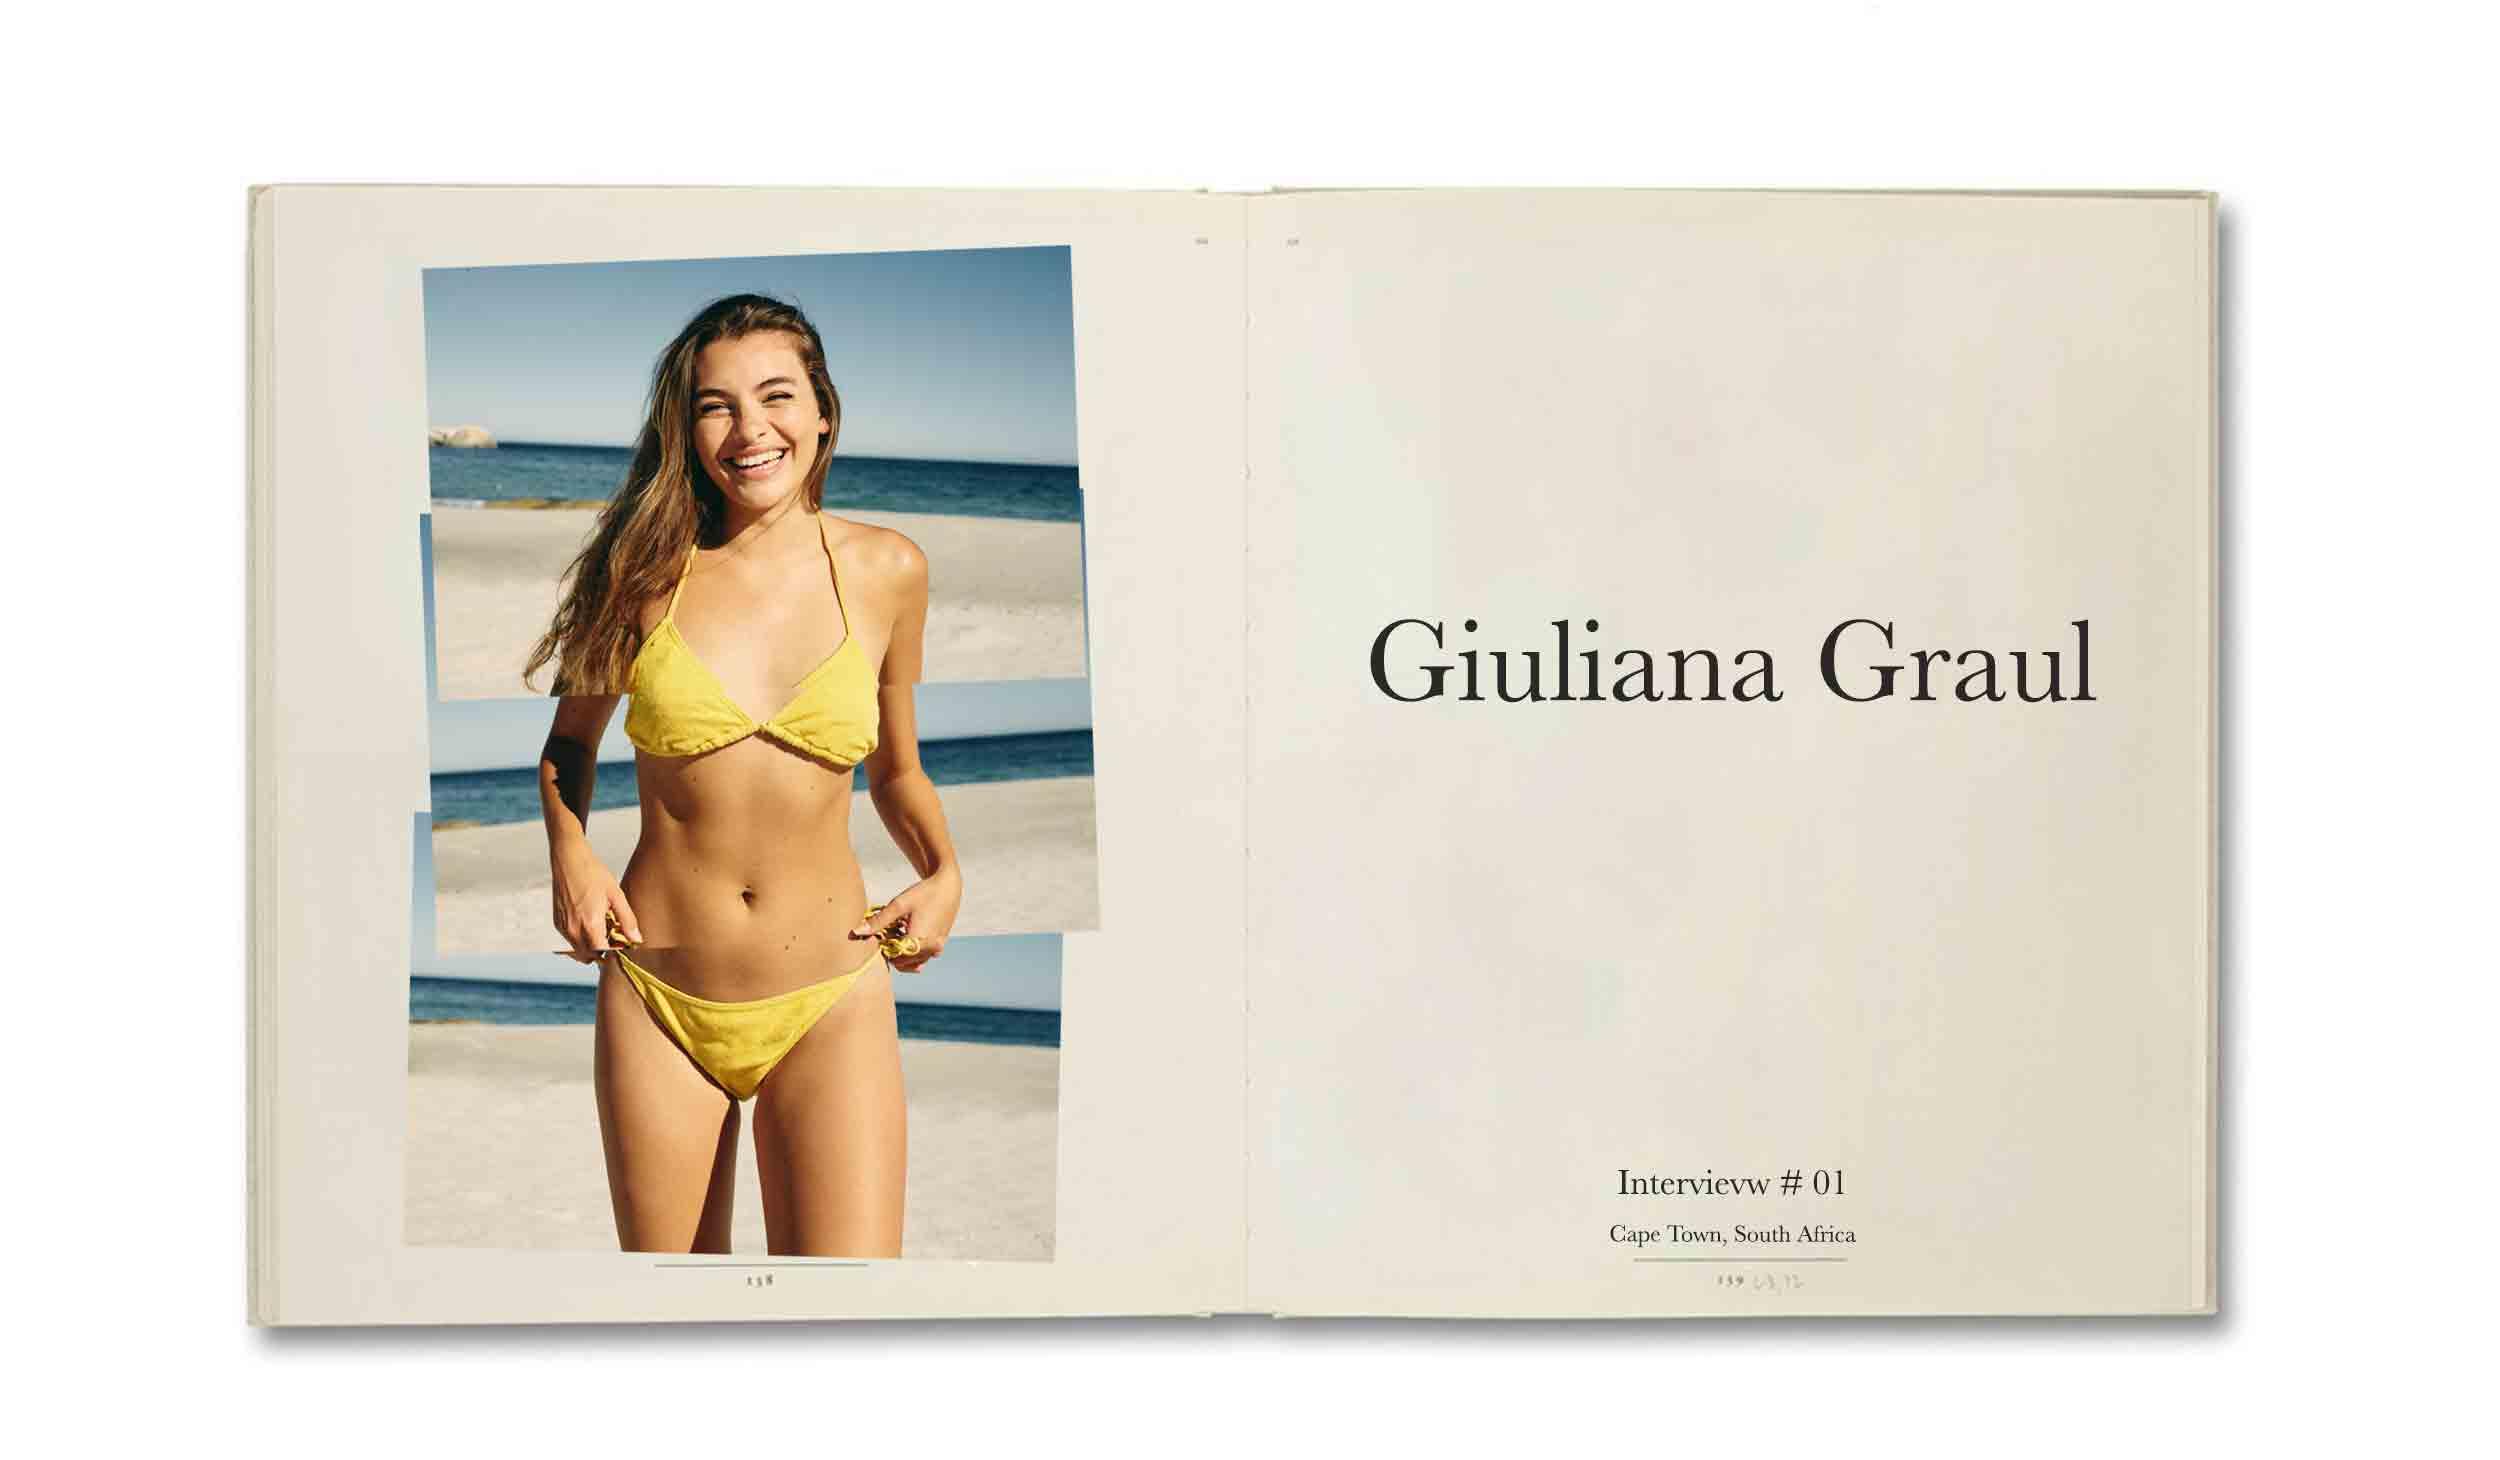 GiulianaInt#01_01.jpg